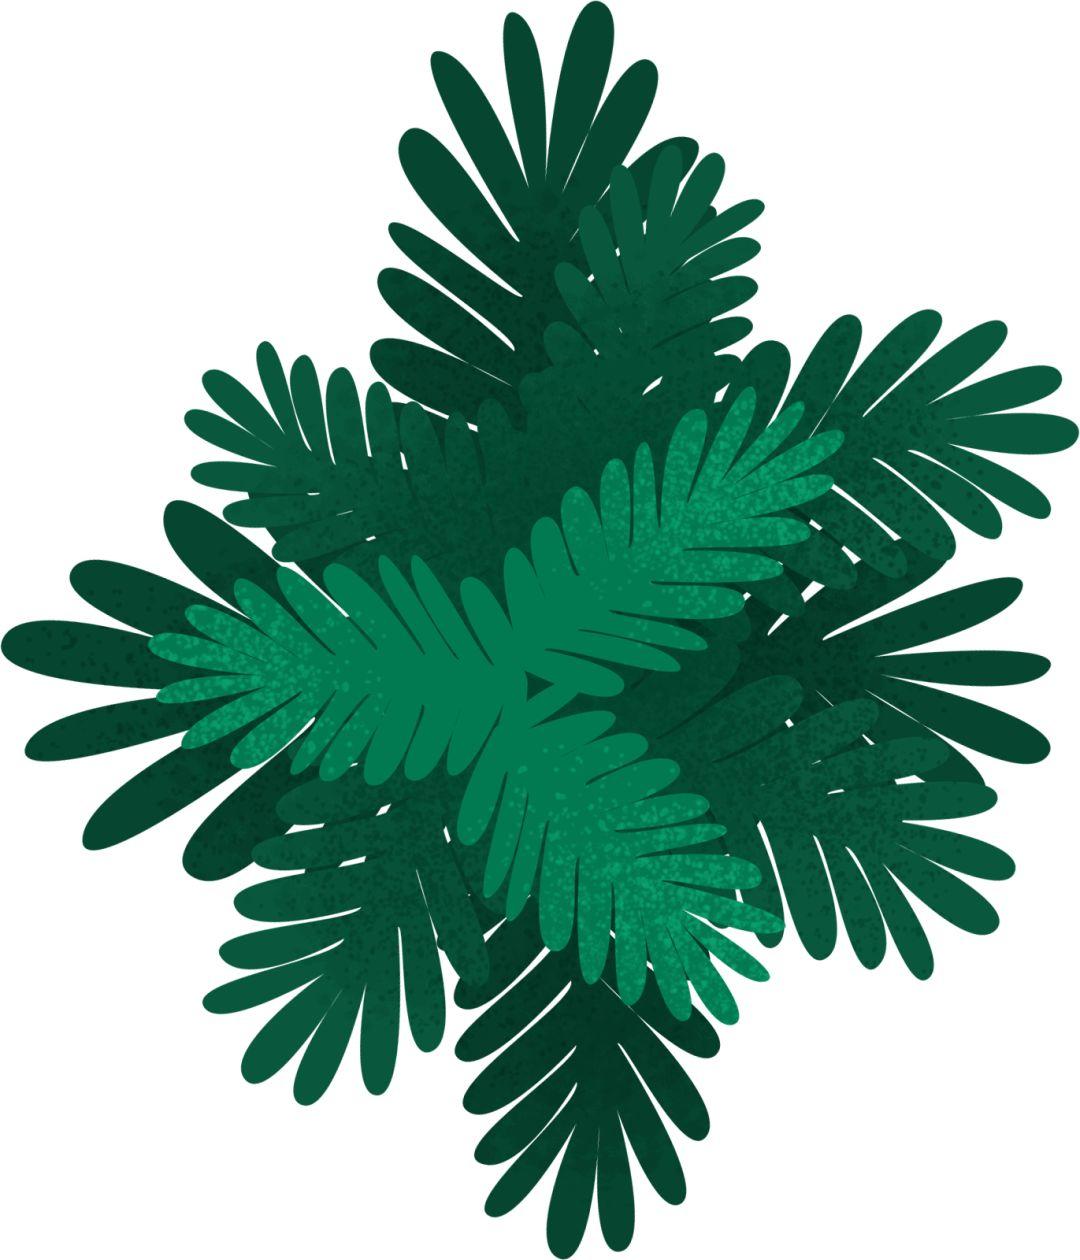 中国绿色有机谷 长白山森林食药城 产业发展论坛暨项目对接会在长